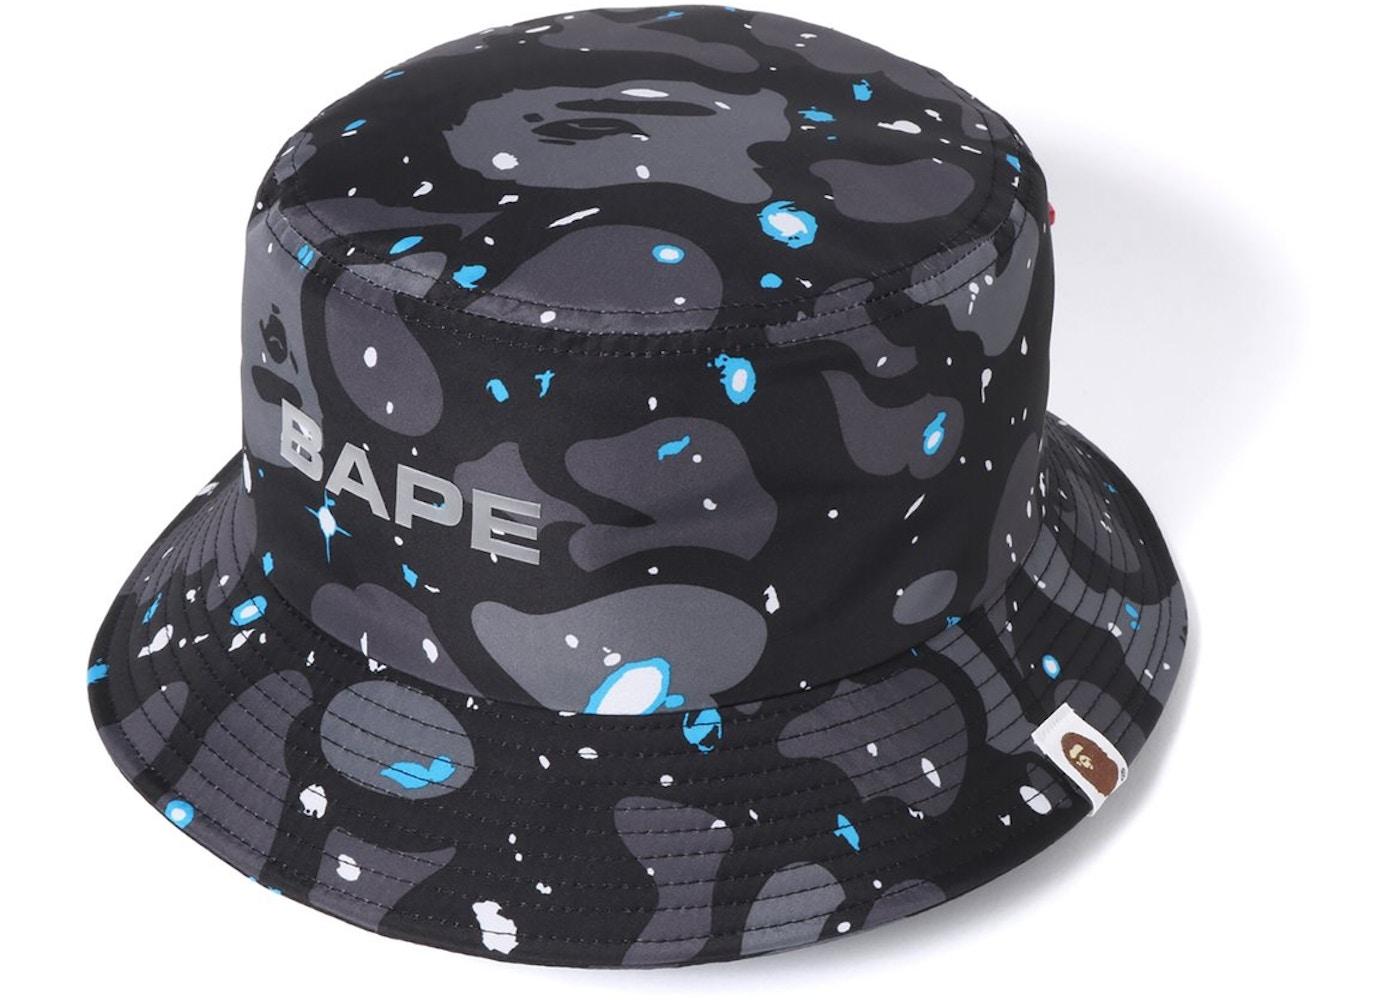 eefc13558 Streetwear - Bape Headwear - Average Sale Price